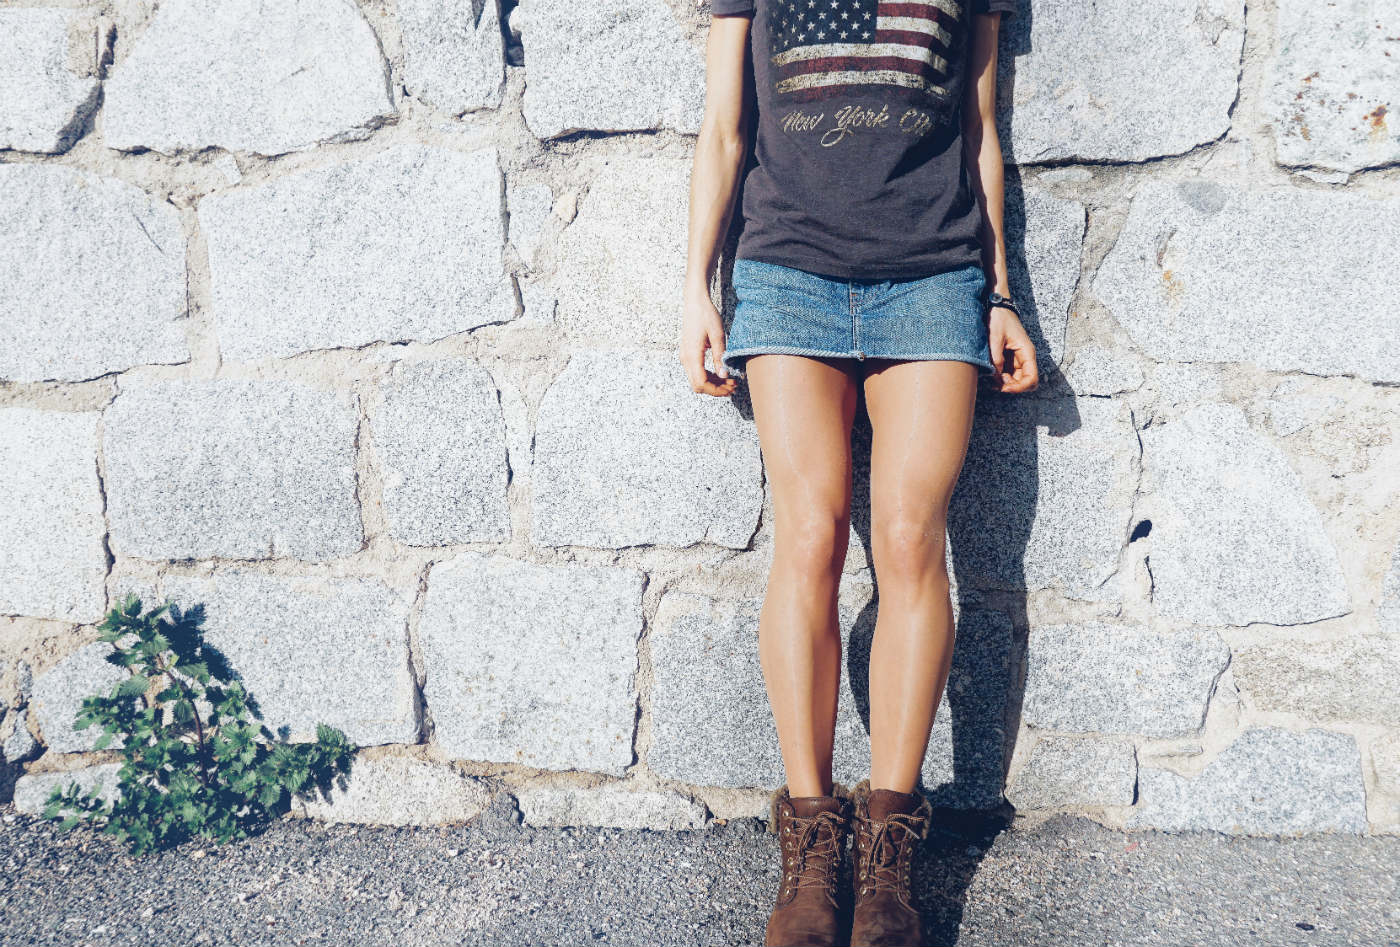 Cinco centímetros menos de fémur y anorexia